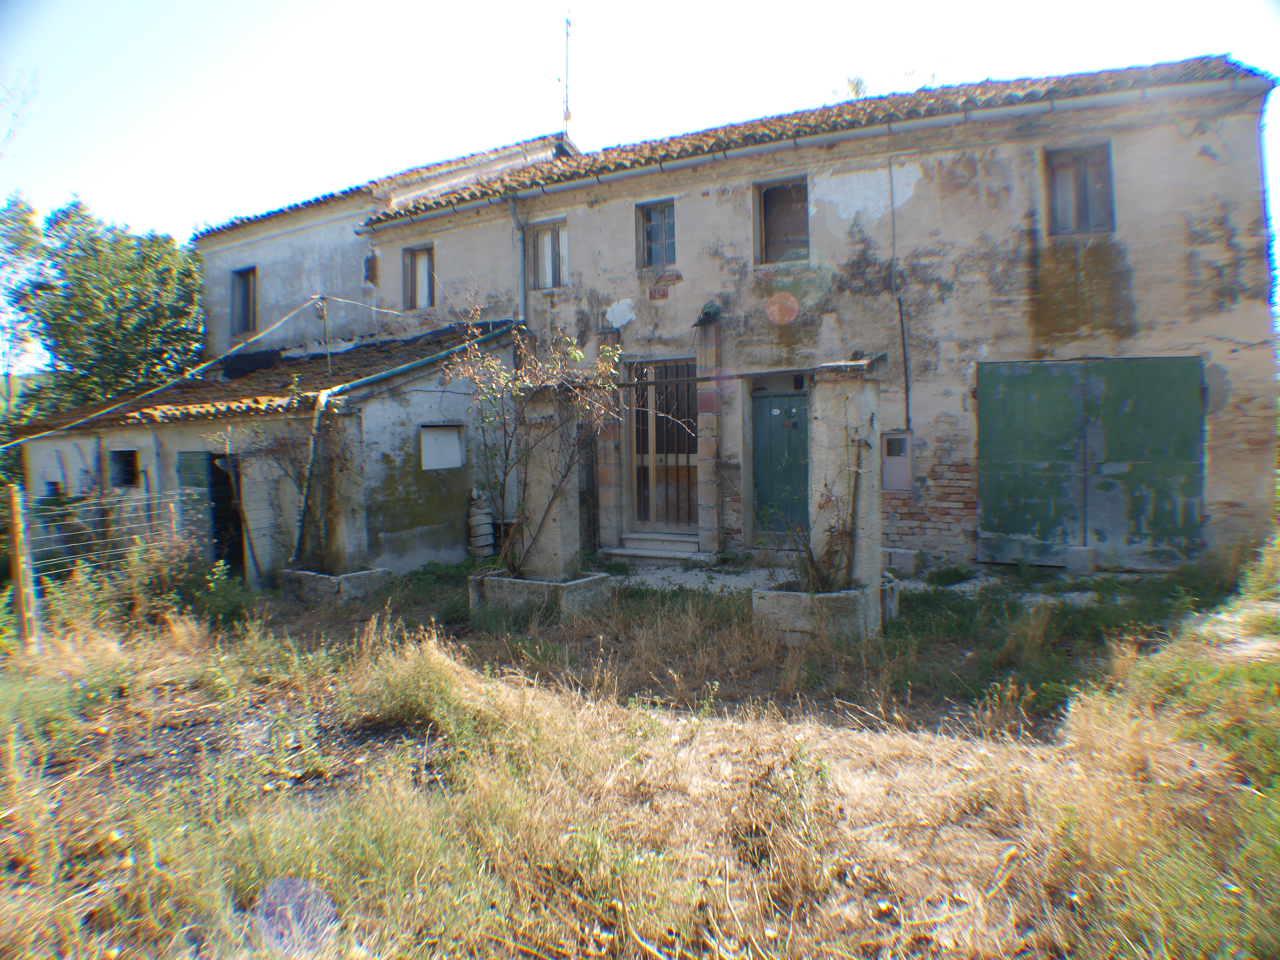 Rustico / Casale in vendita a Ostra, 9999 locali, prezzo € 110.000   Cambio Casa.it